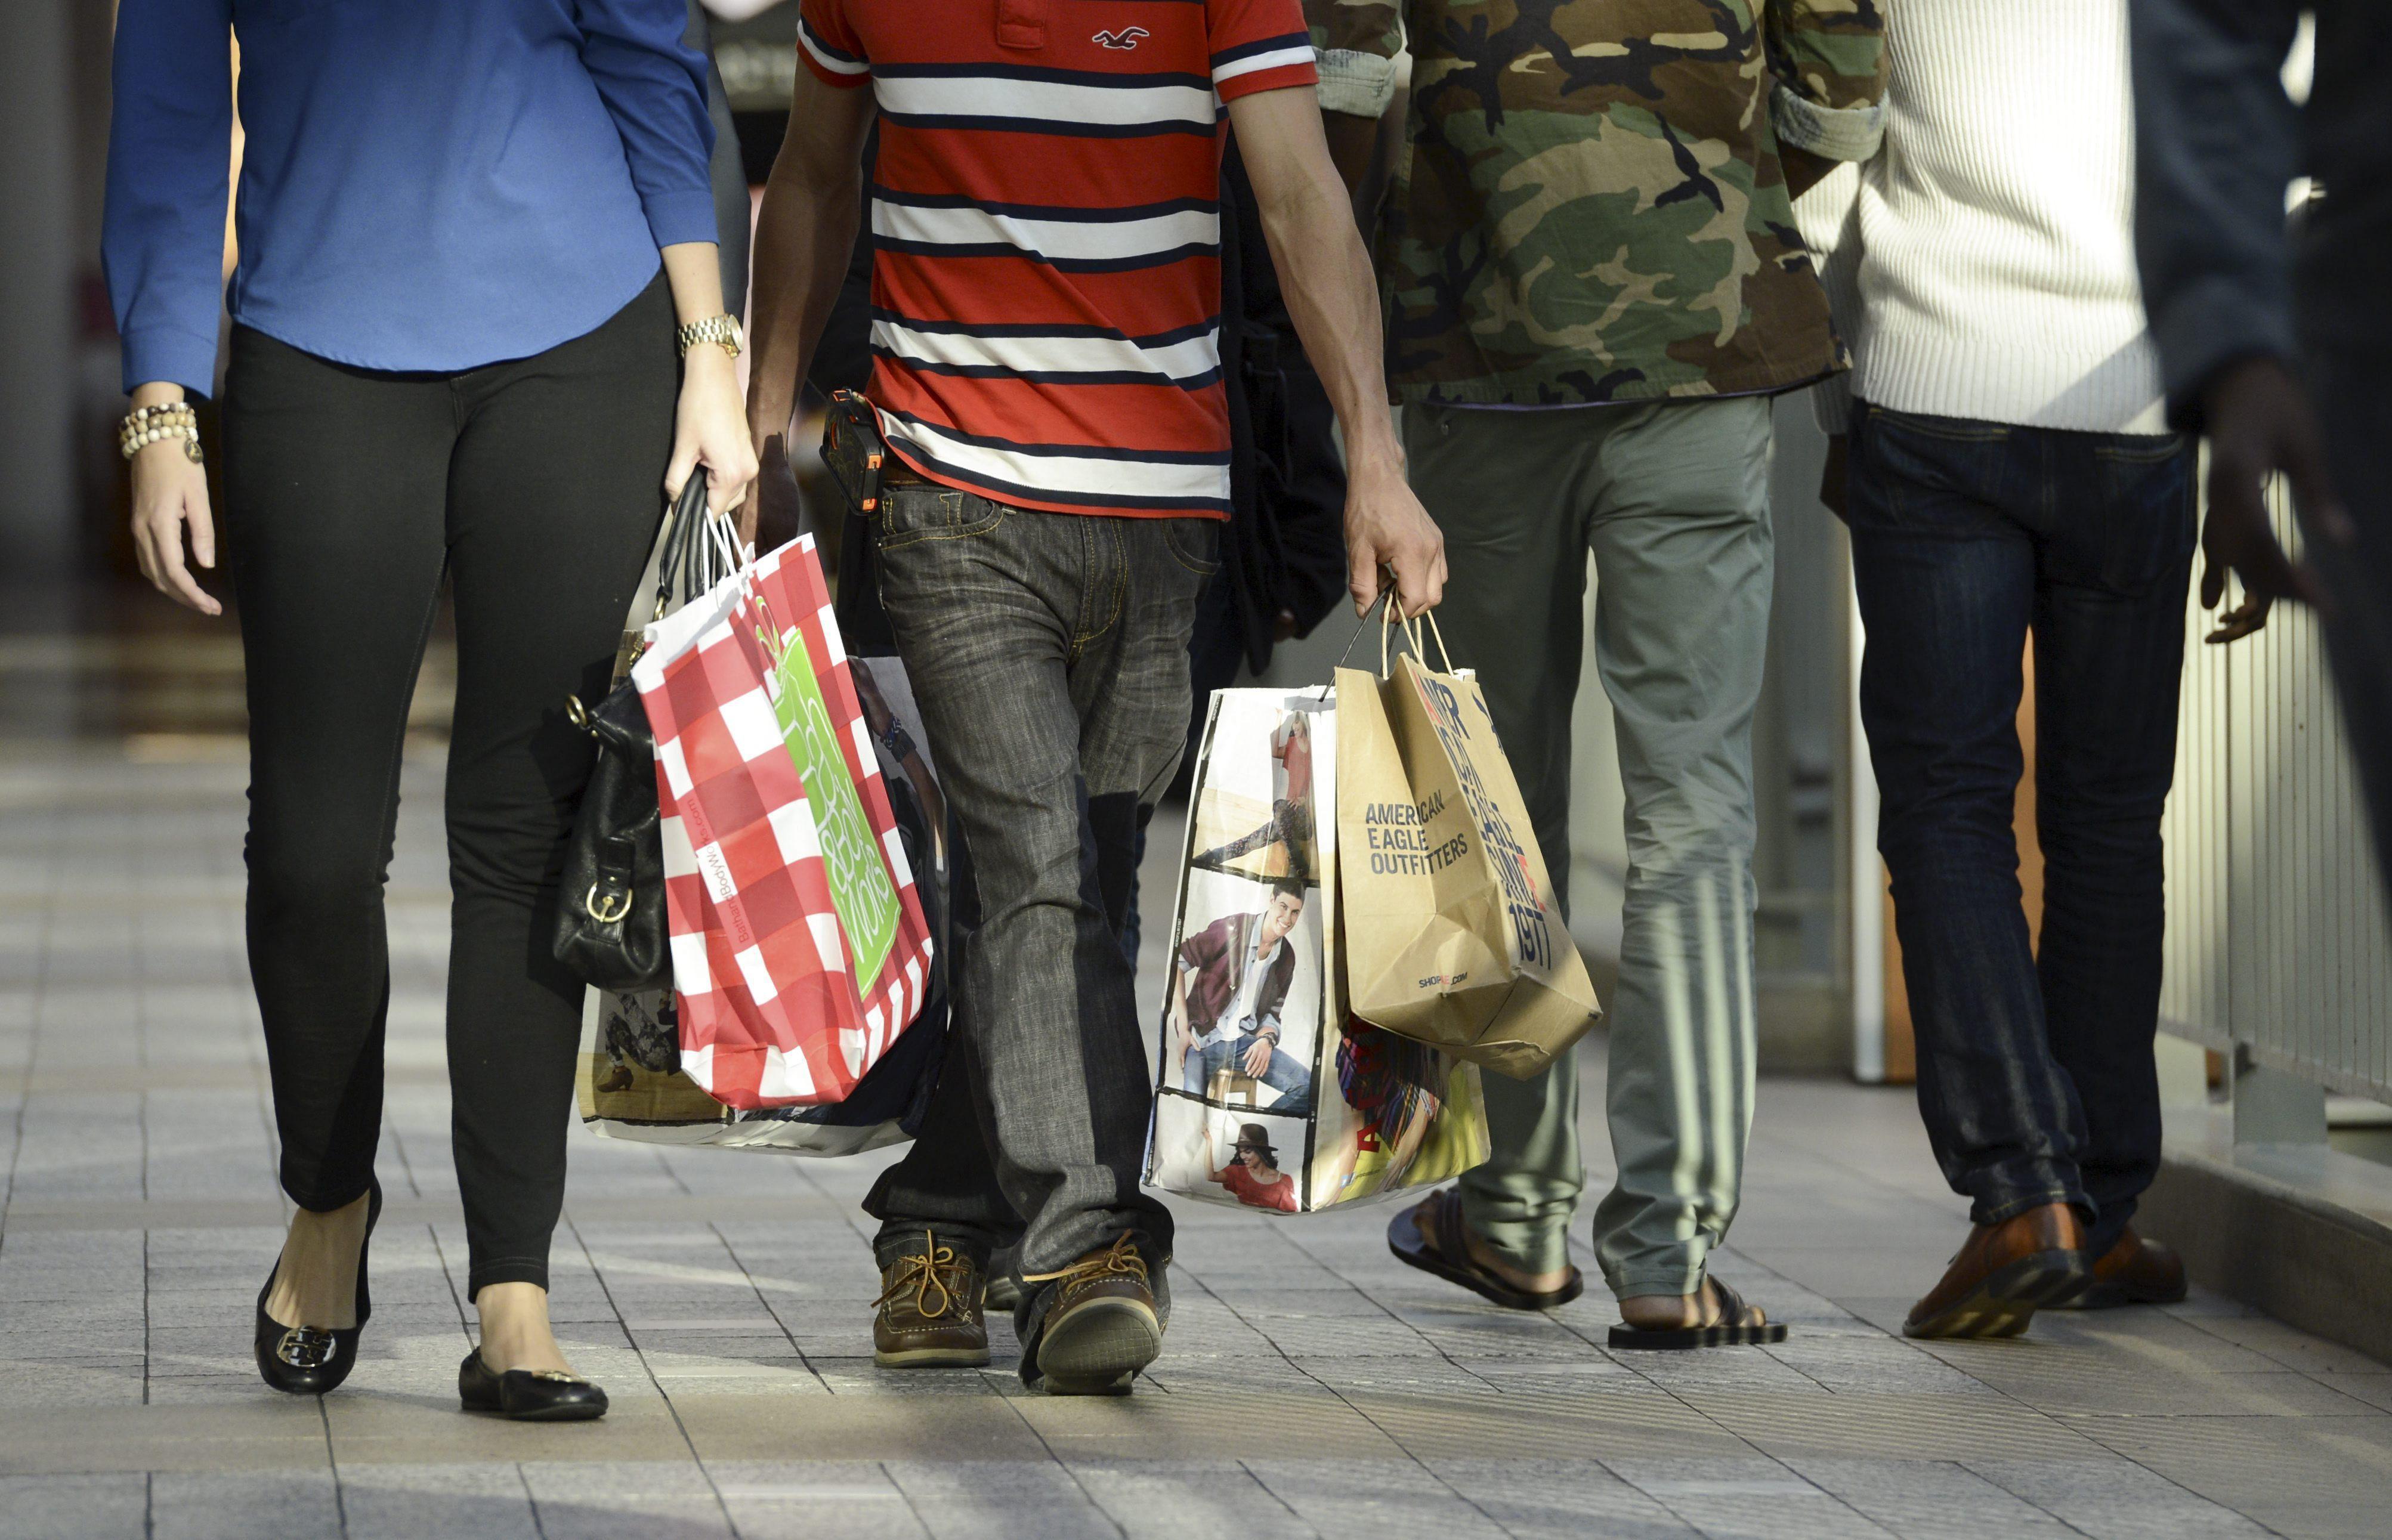 La economía de EEUU creció a un ritmo anual del 3,2% a finales de 2013